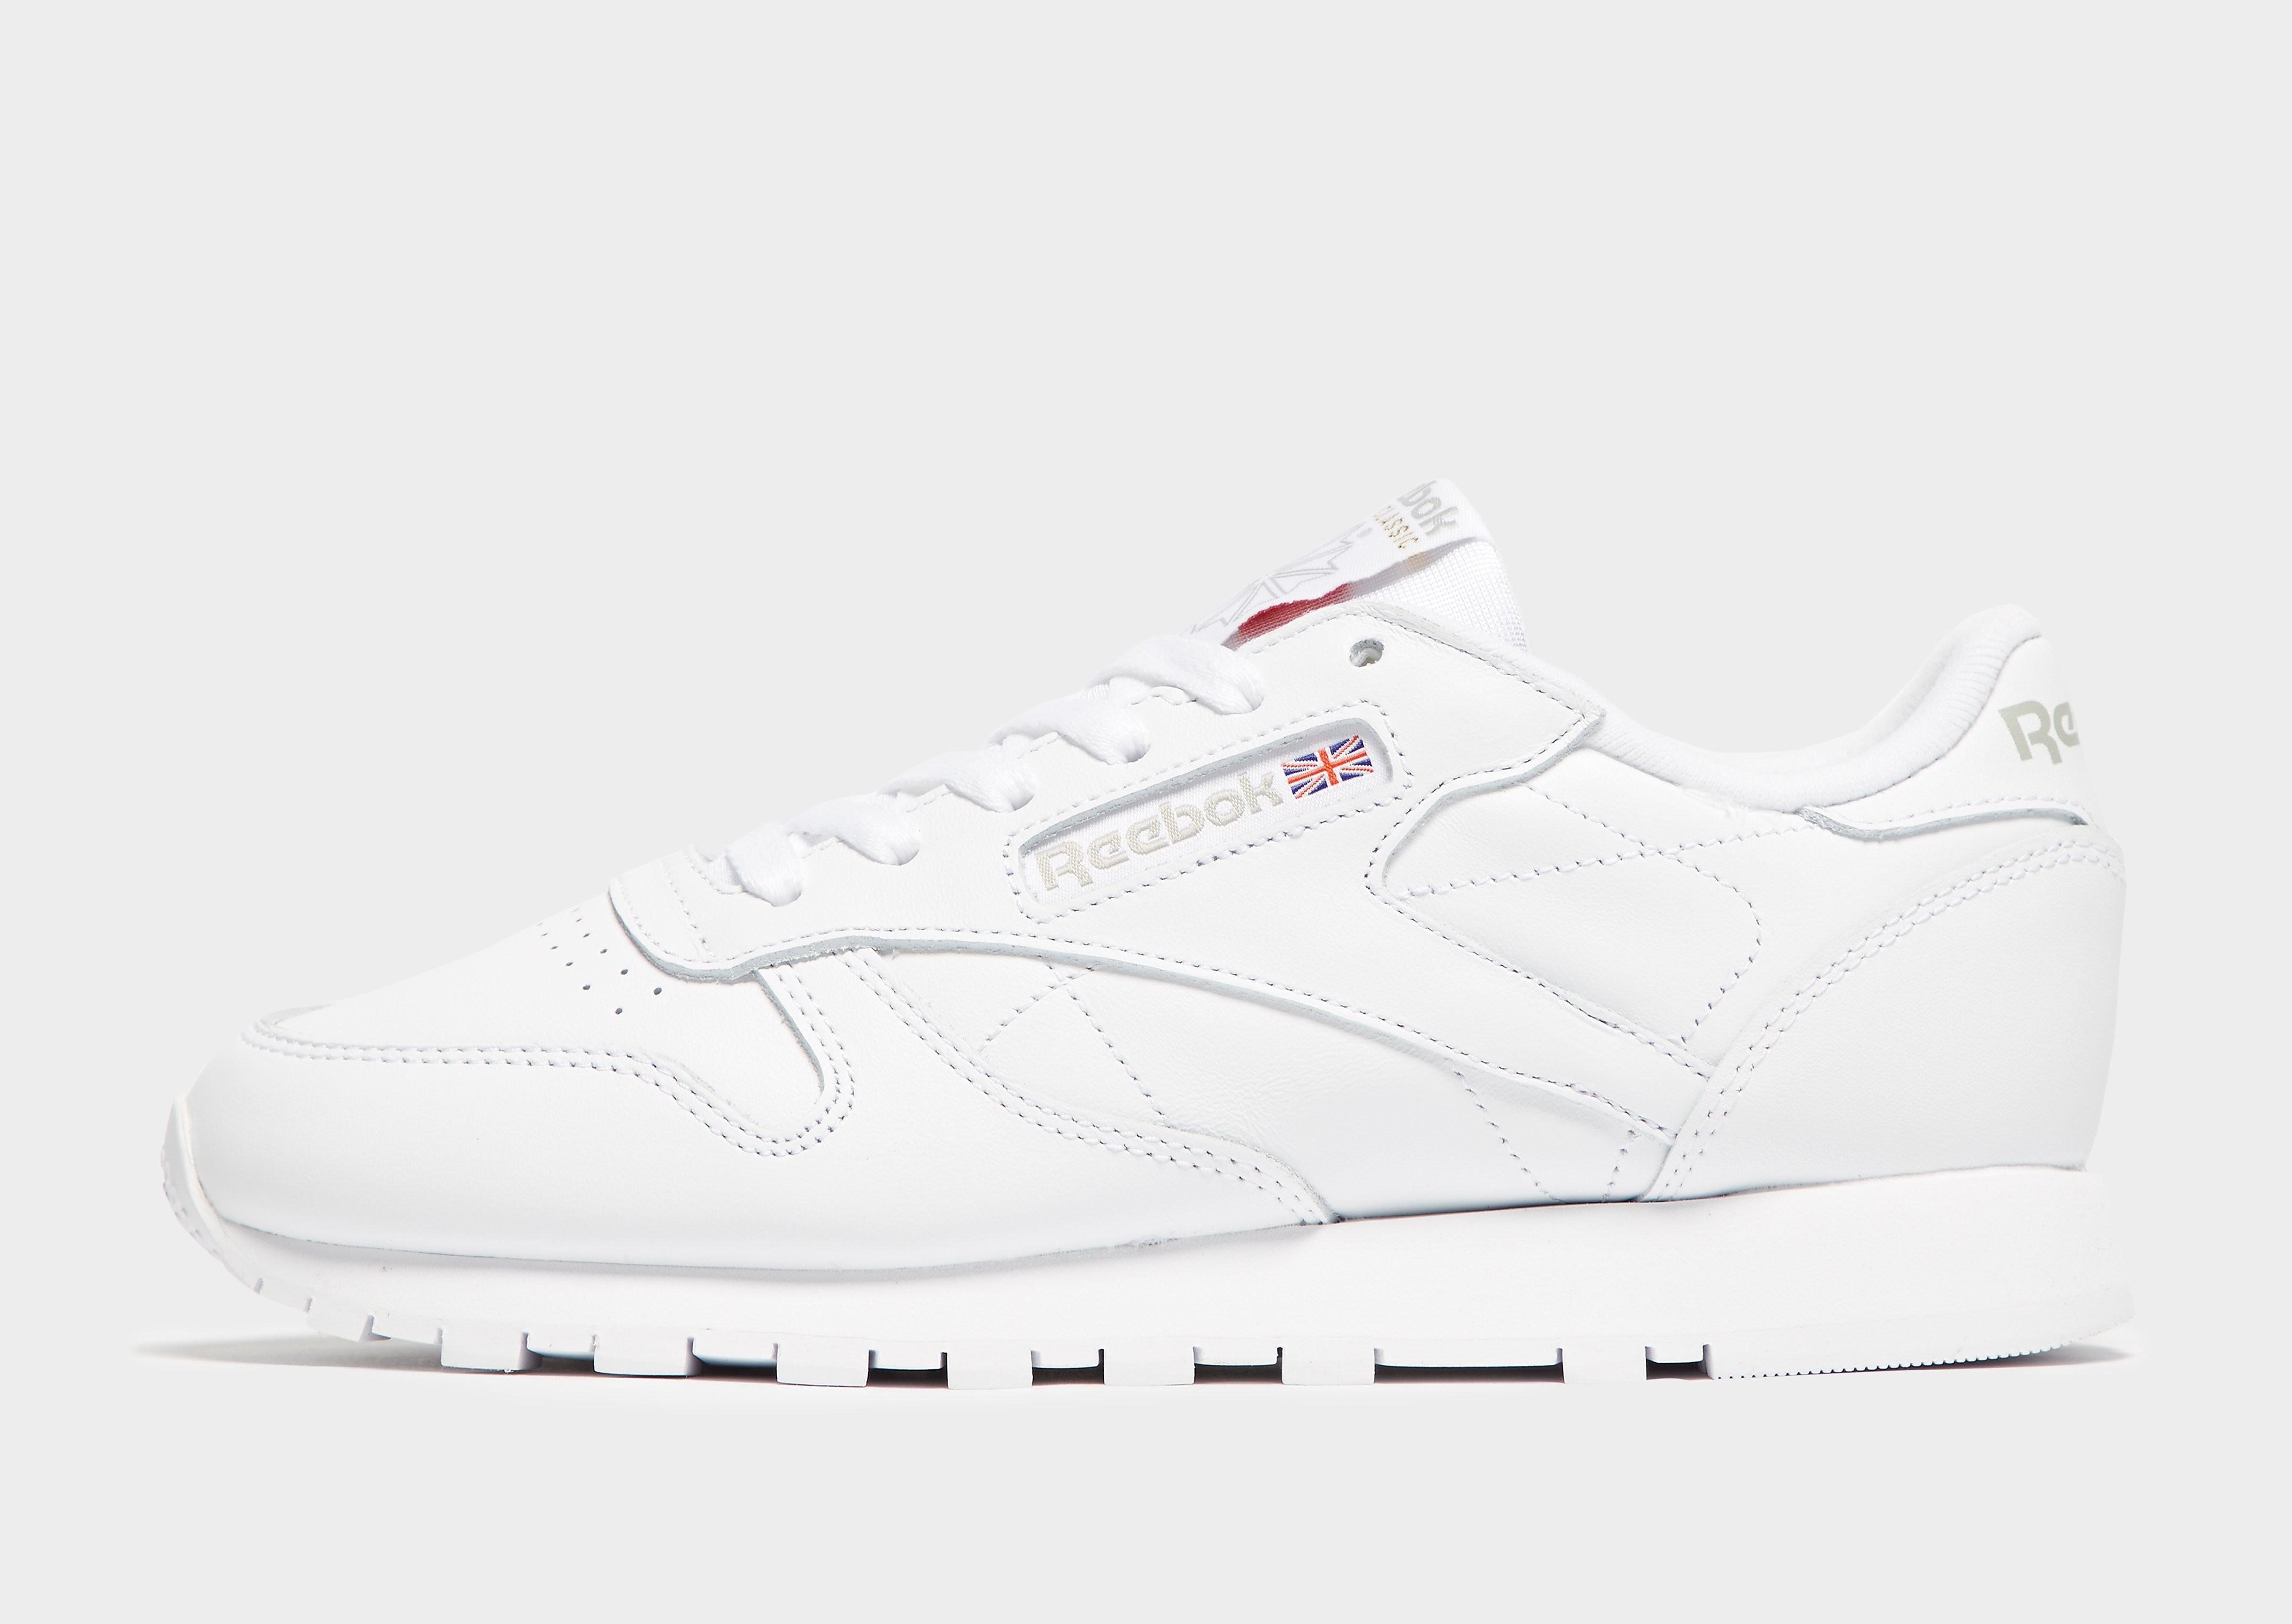 Puma hommes Classic X Diamond noir suede chaussures de tennis 44.5